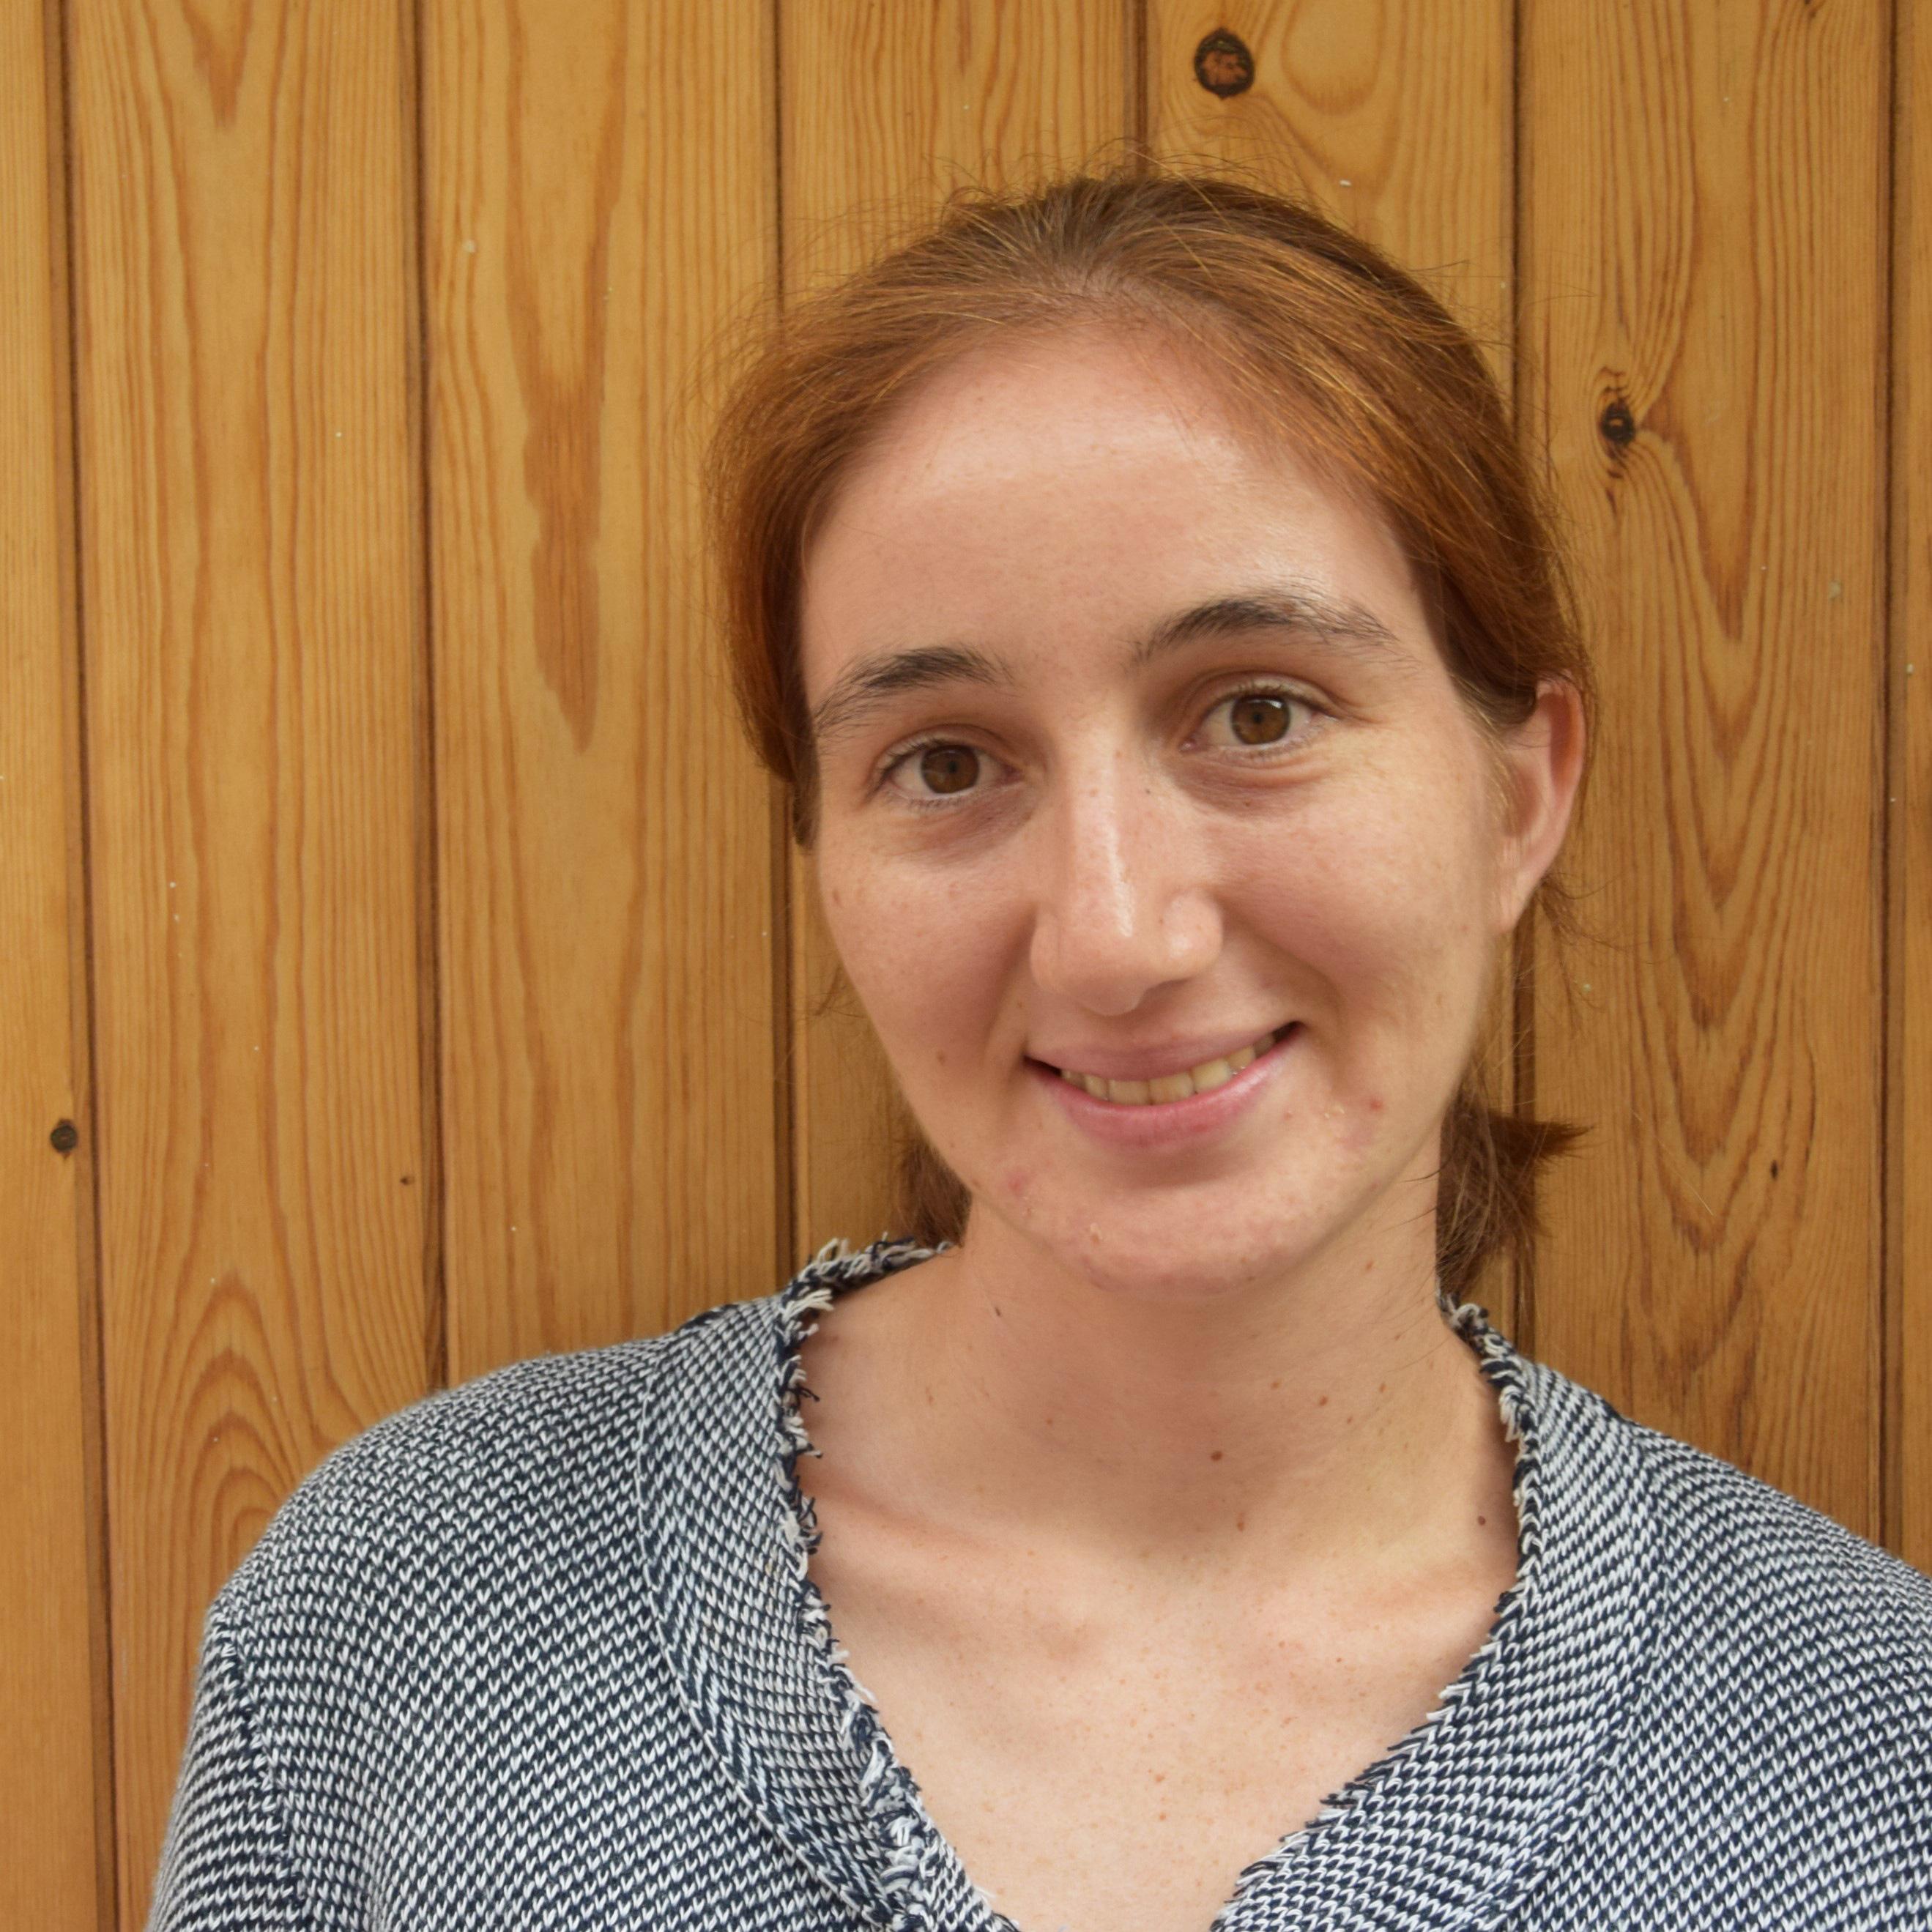 Maria Jabbour. Energy consultant